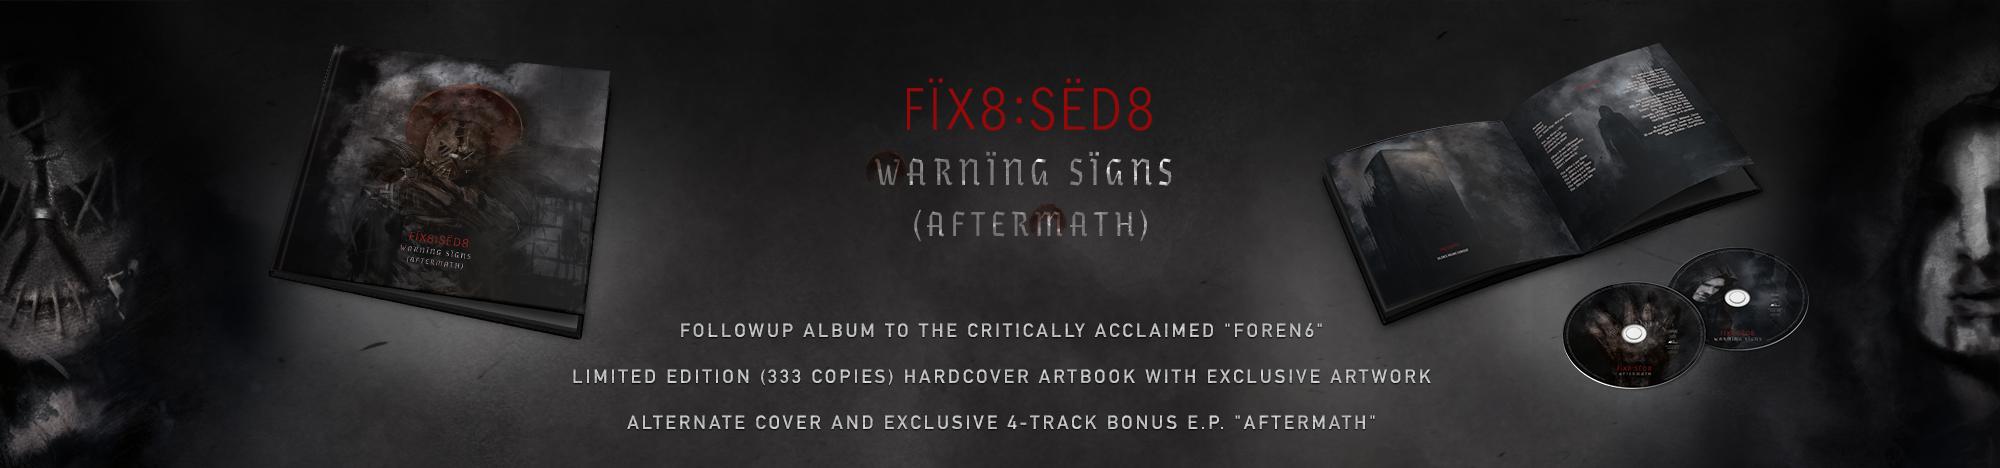 Fix8:sed8 Album Design